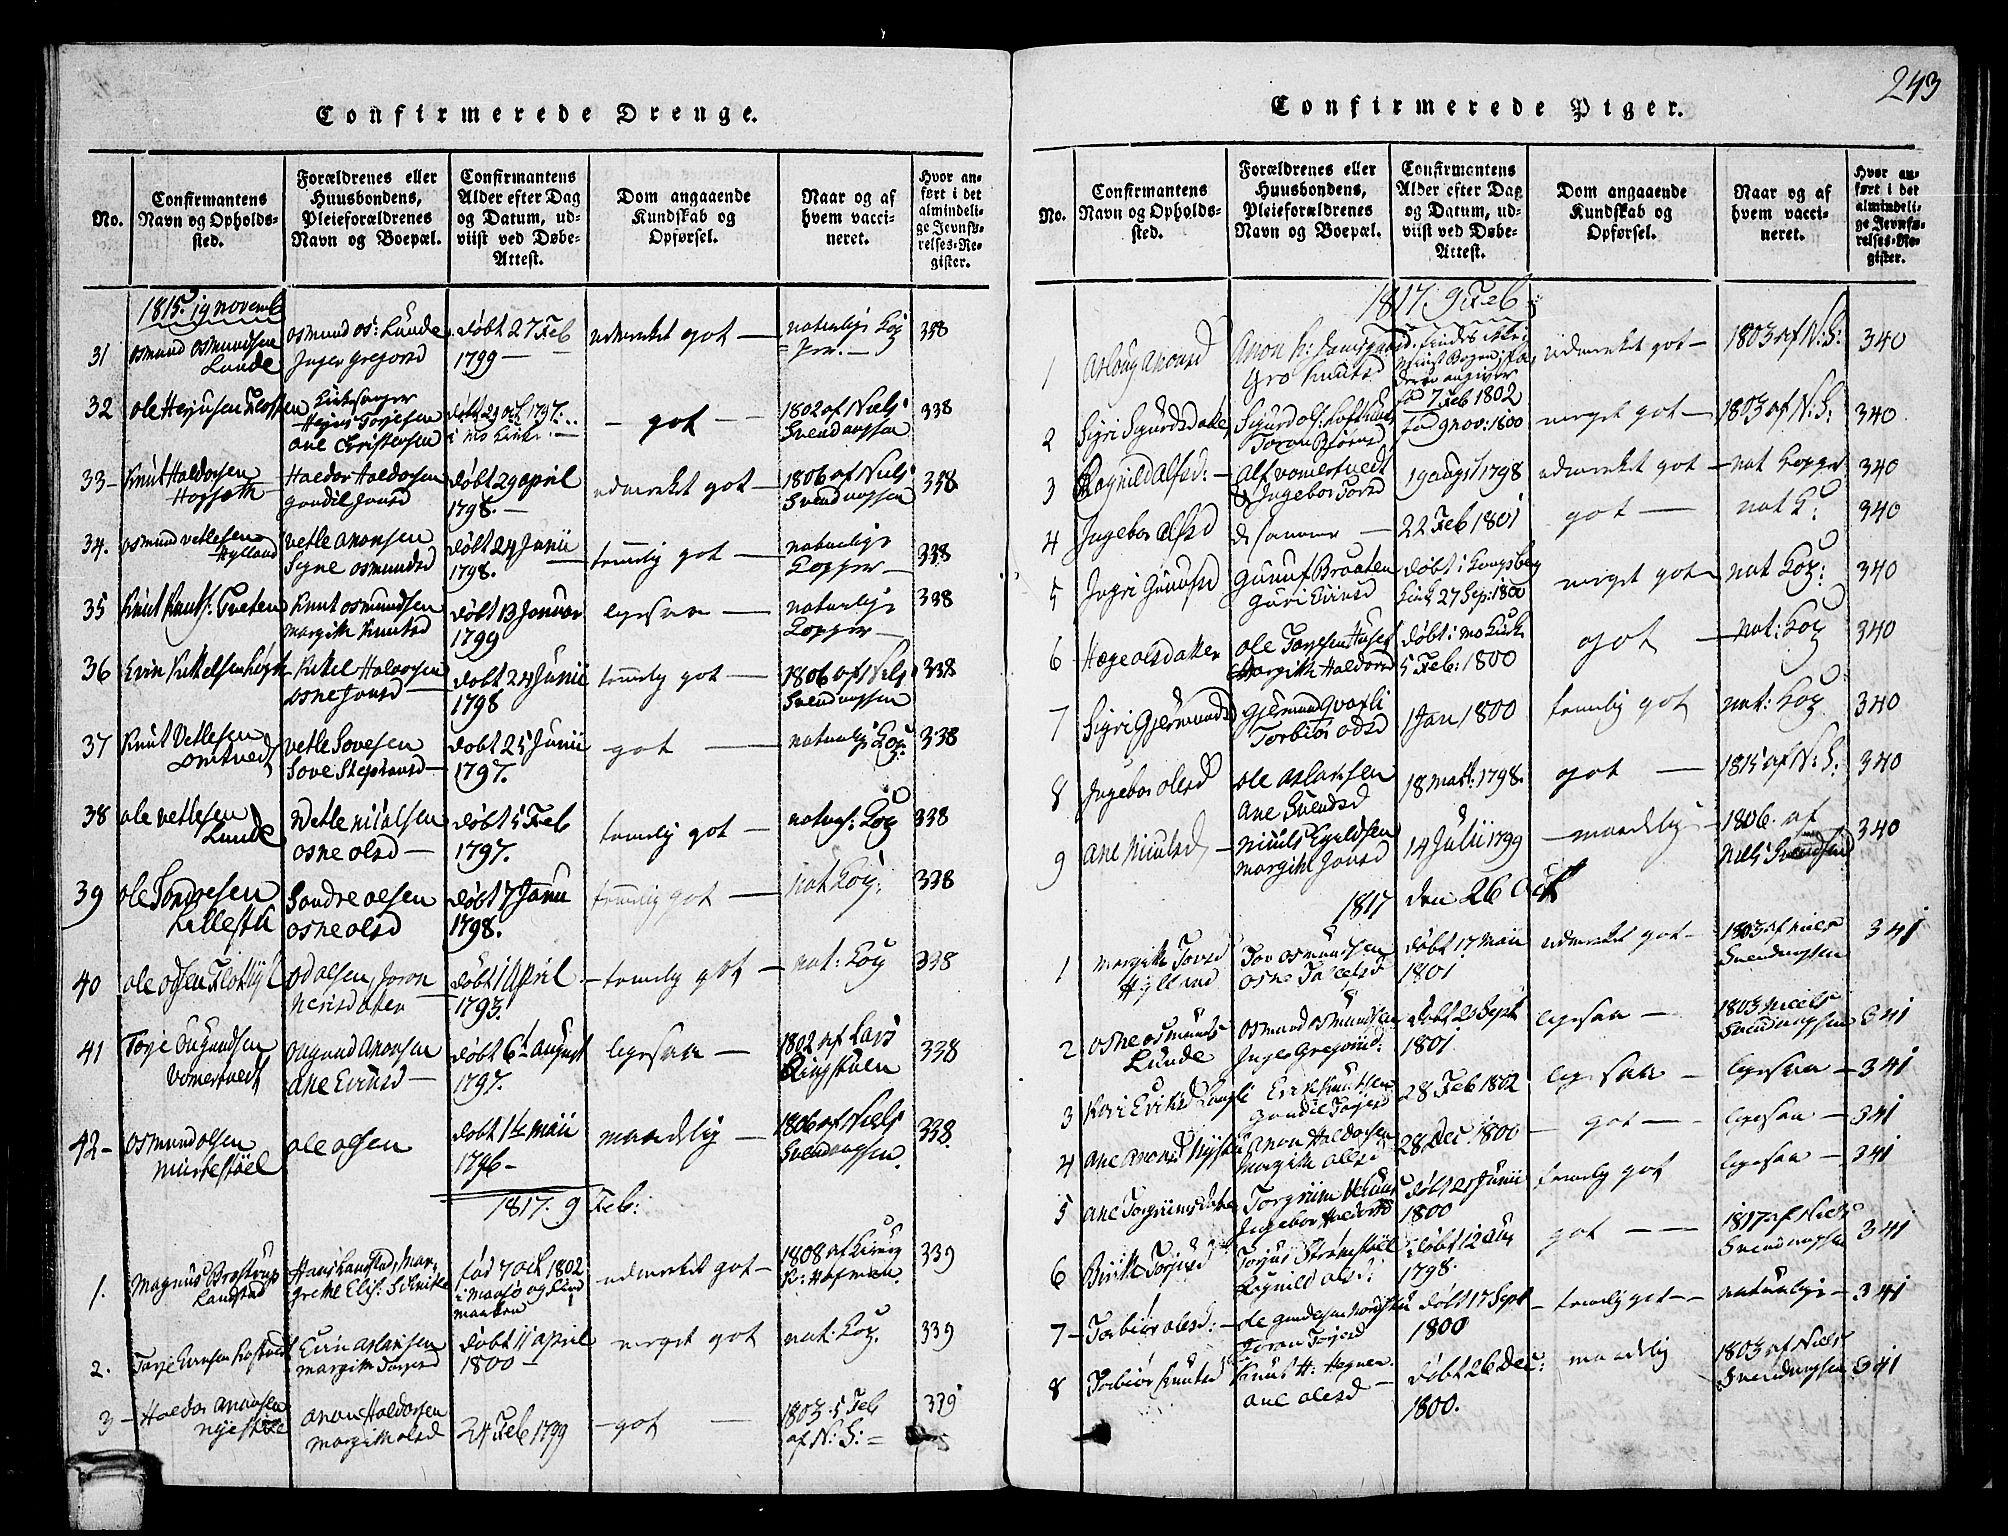 SAKO, Vinje kirkebøker, G/Ga/L0001: Klokkerbok nr. I 1, 1814-1843, s. 243